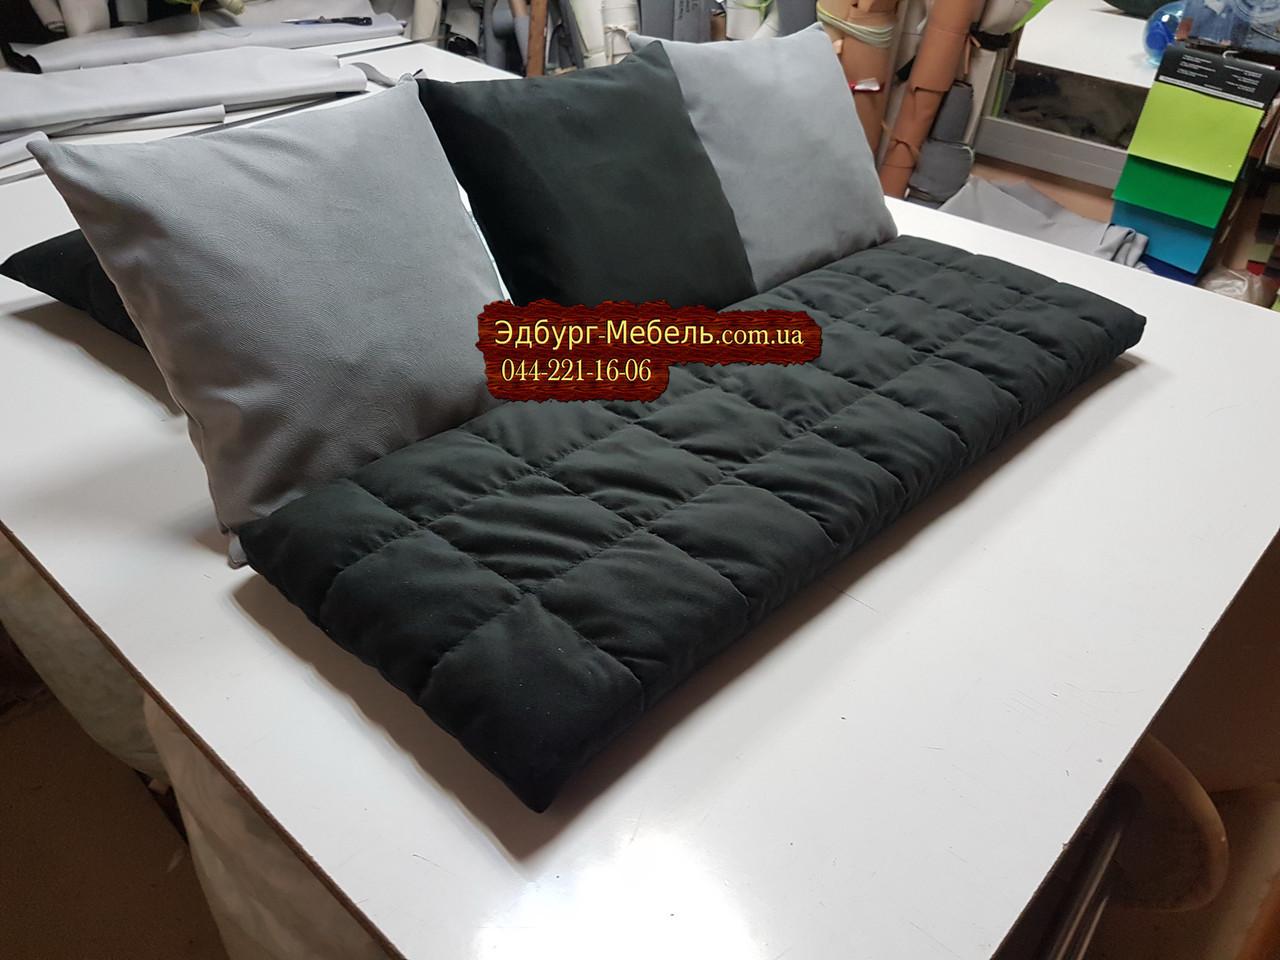 Подушки на подоконники для кафе, дома, офиса